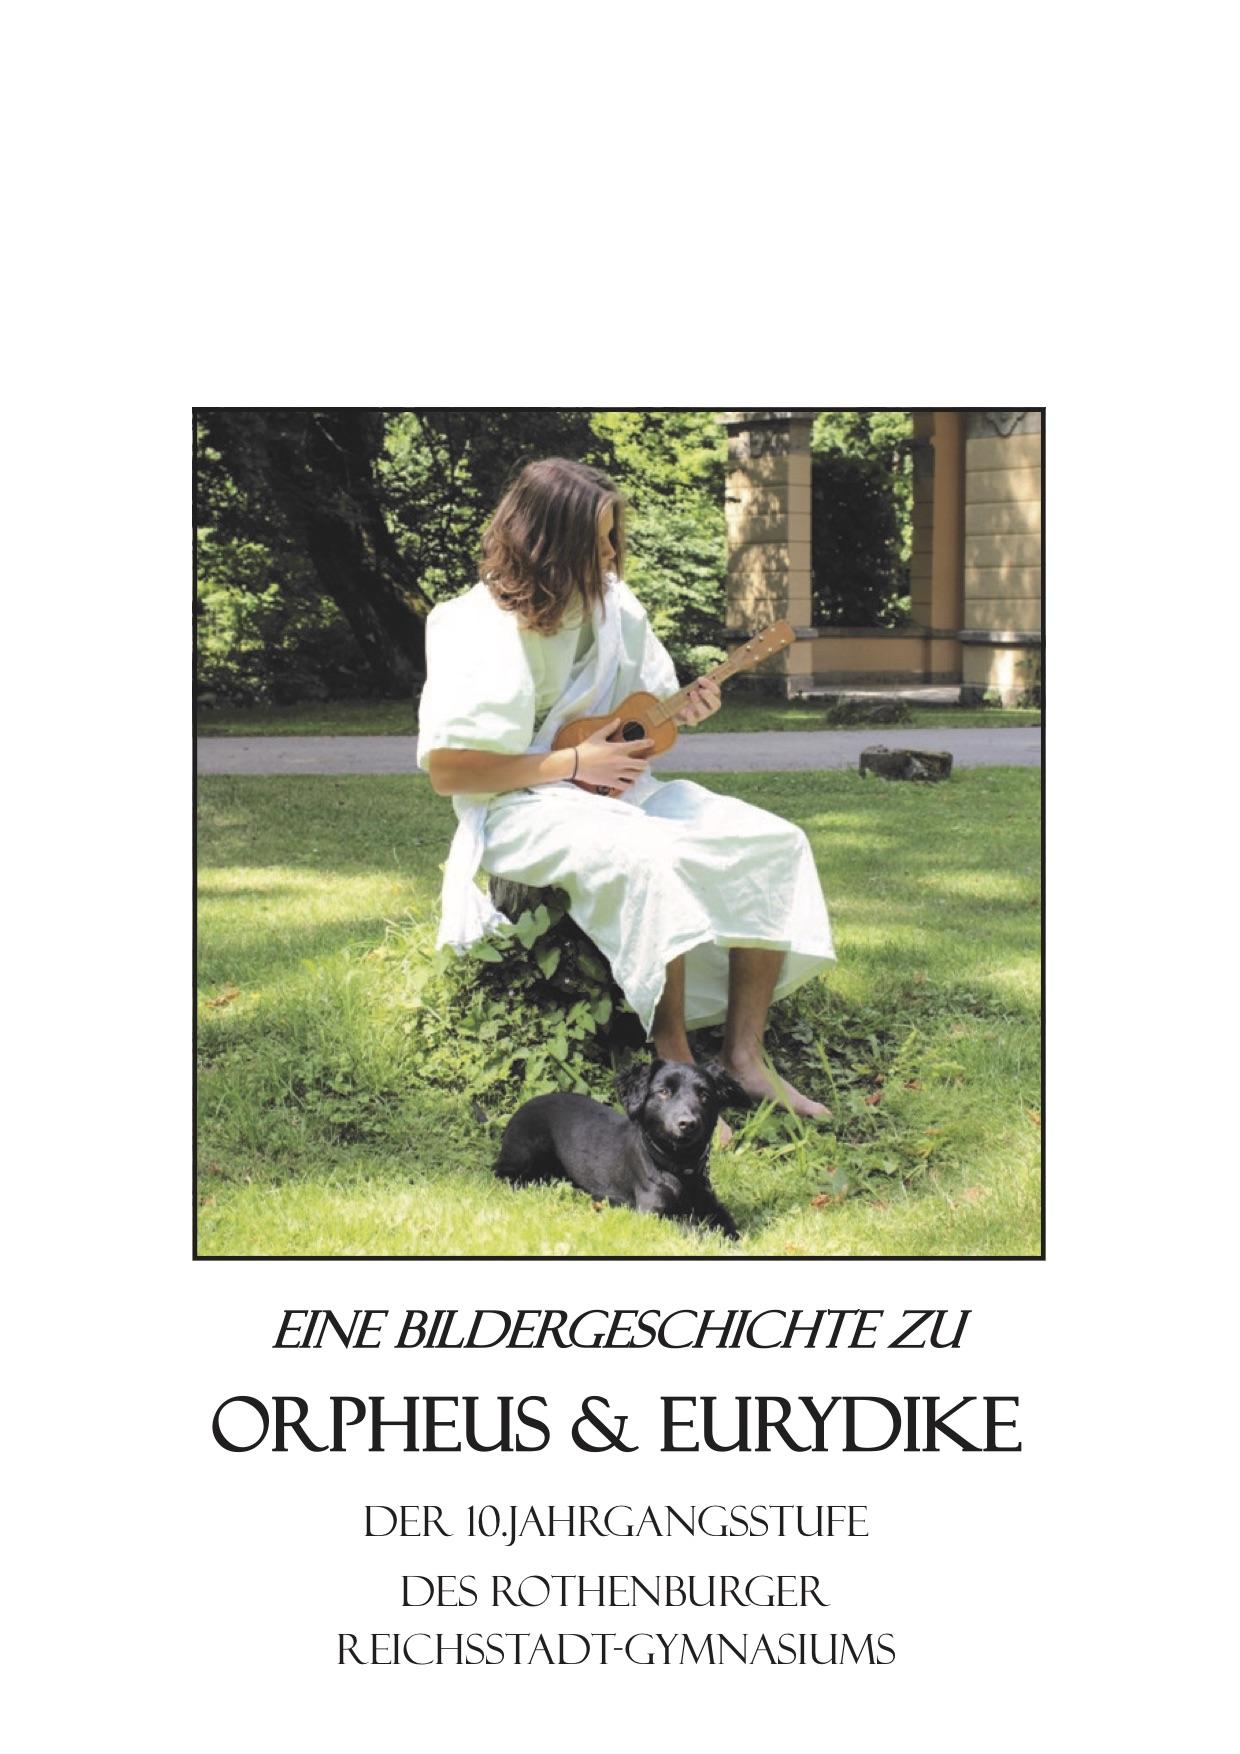 Bildergeschichte Orpheus&Eurydike_1.jpg